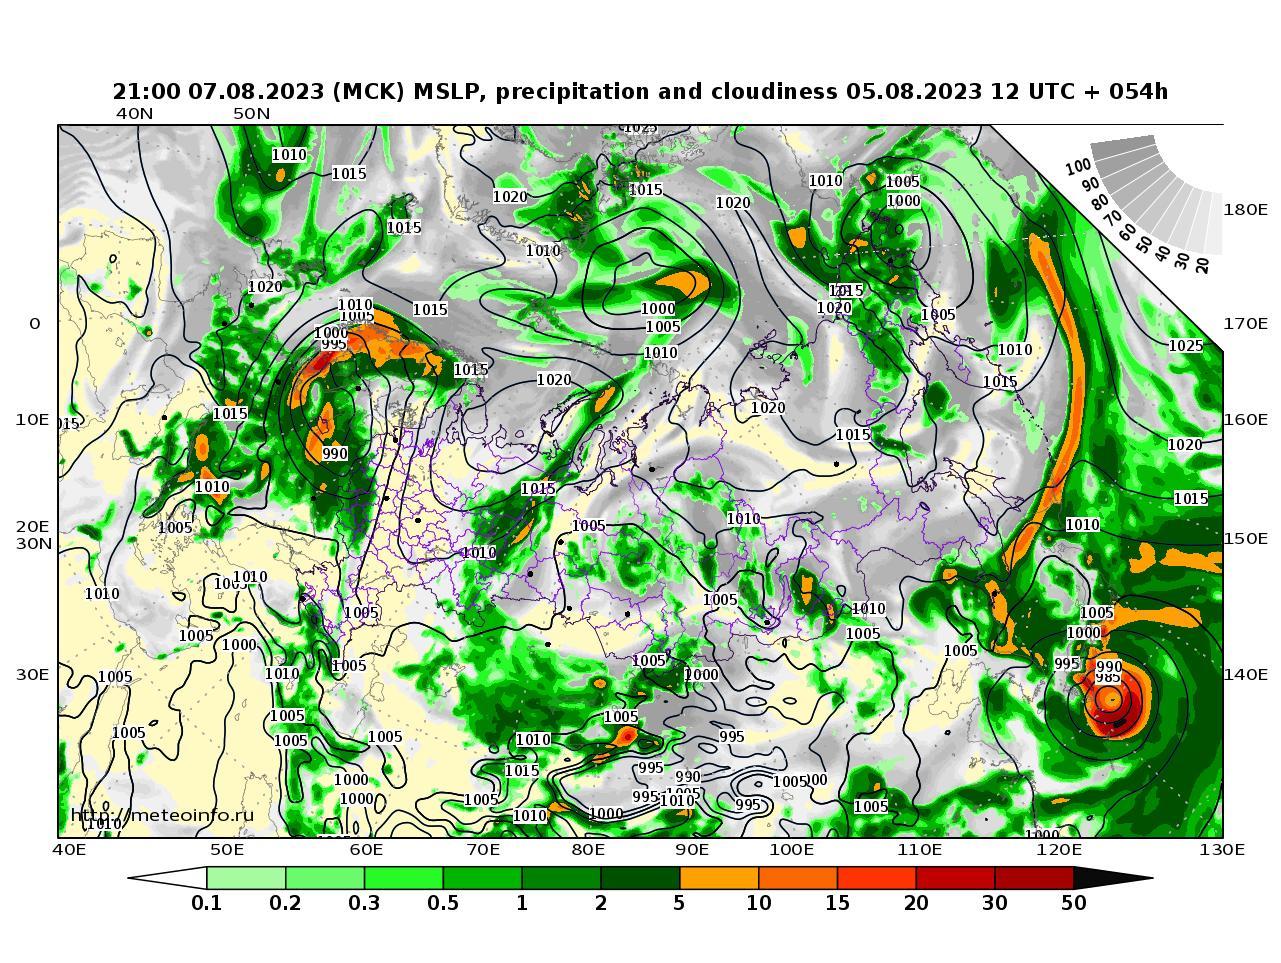 Россия, прогностическая карта осадки и давление, заблаговременность прогноза 54 часа